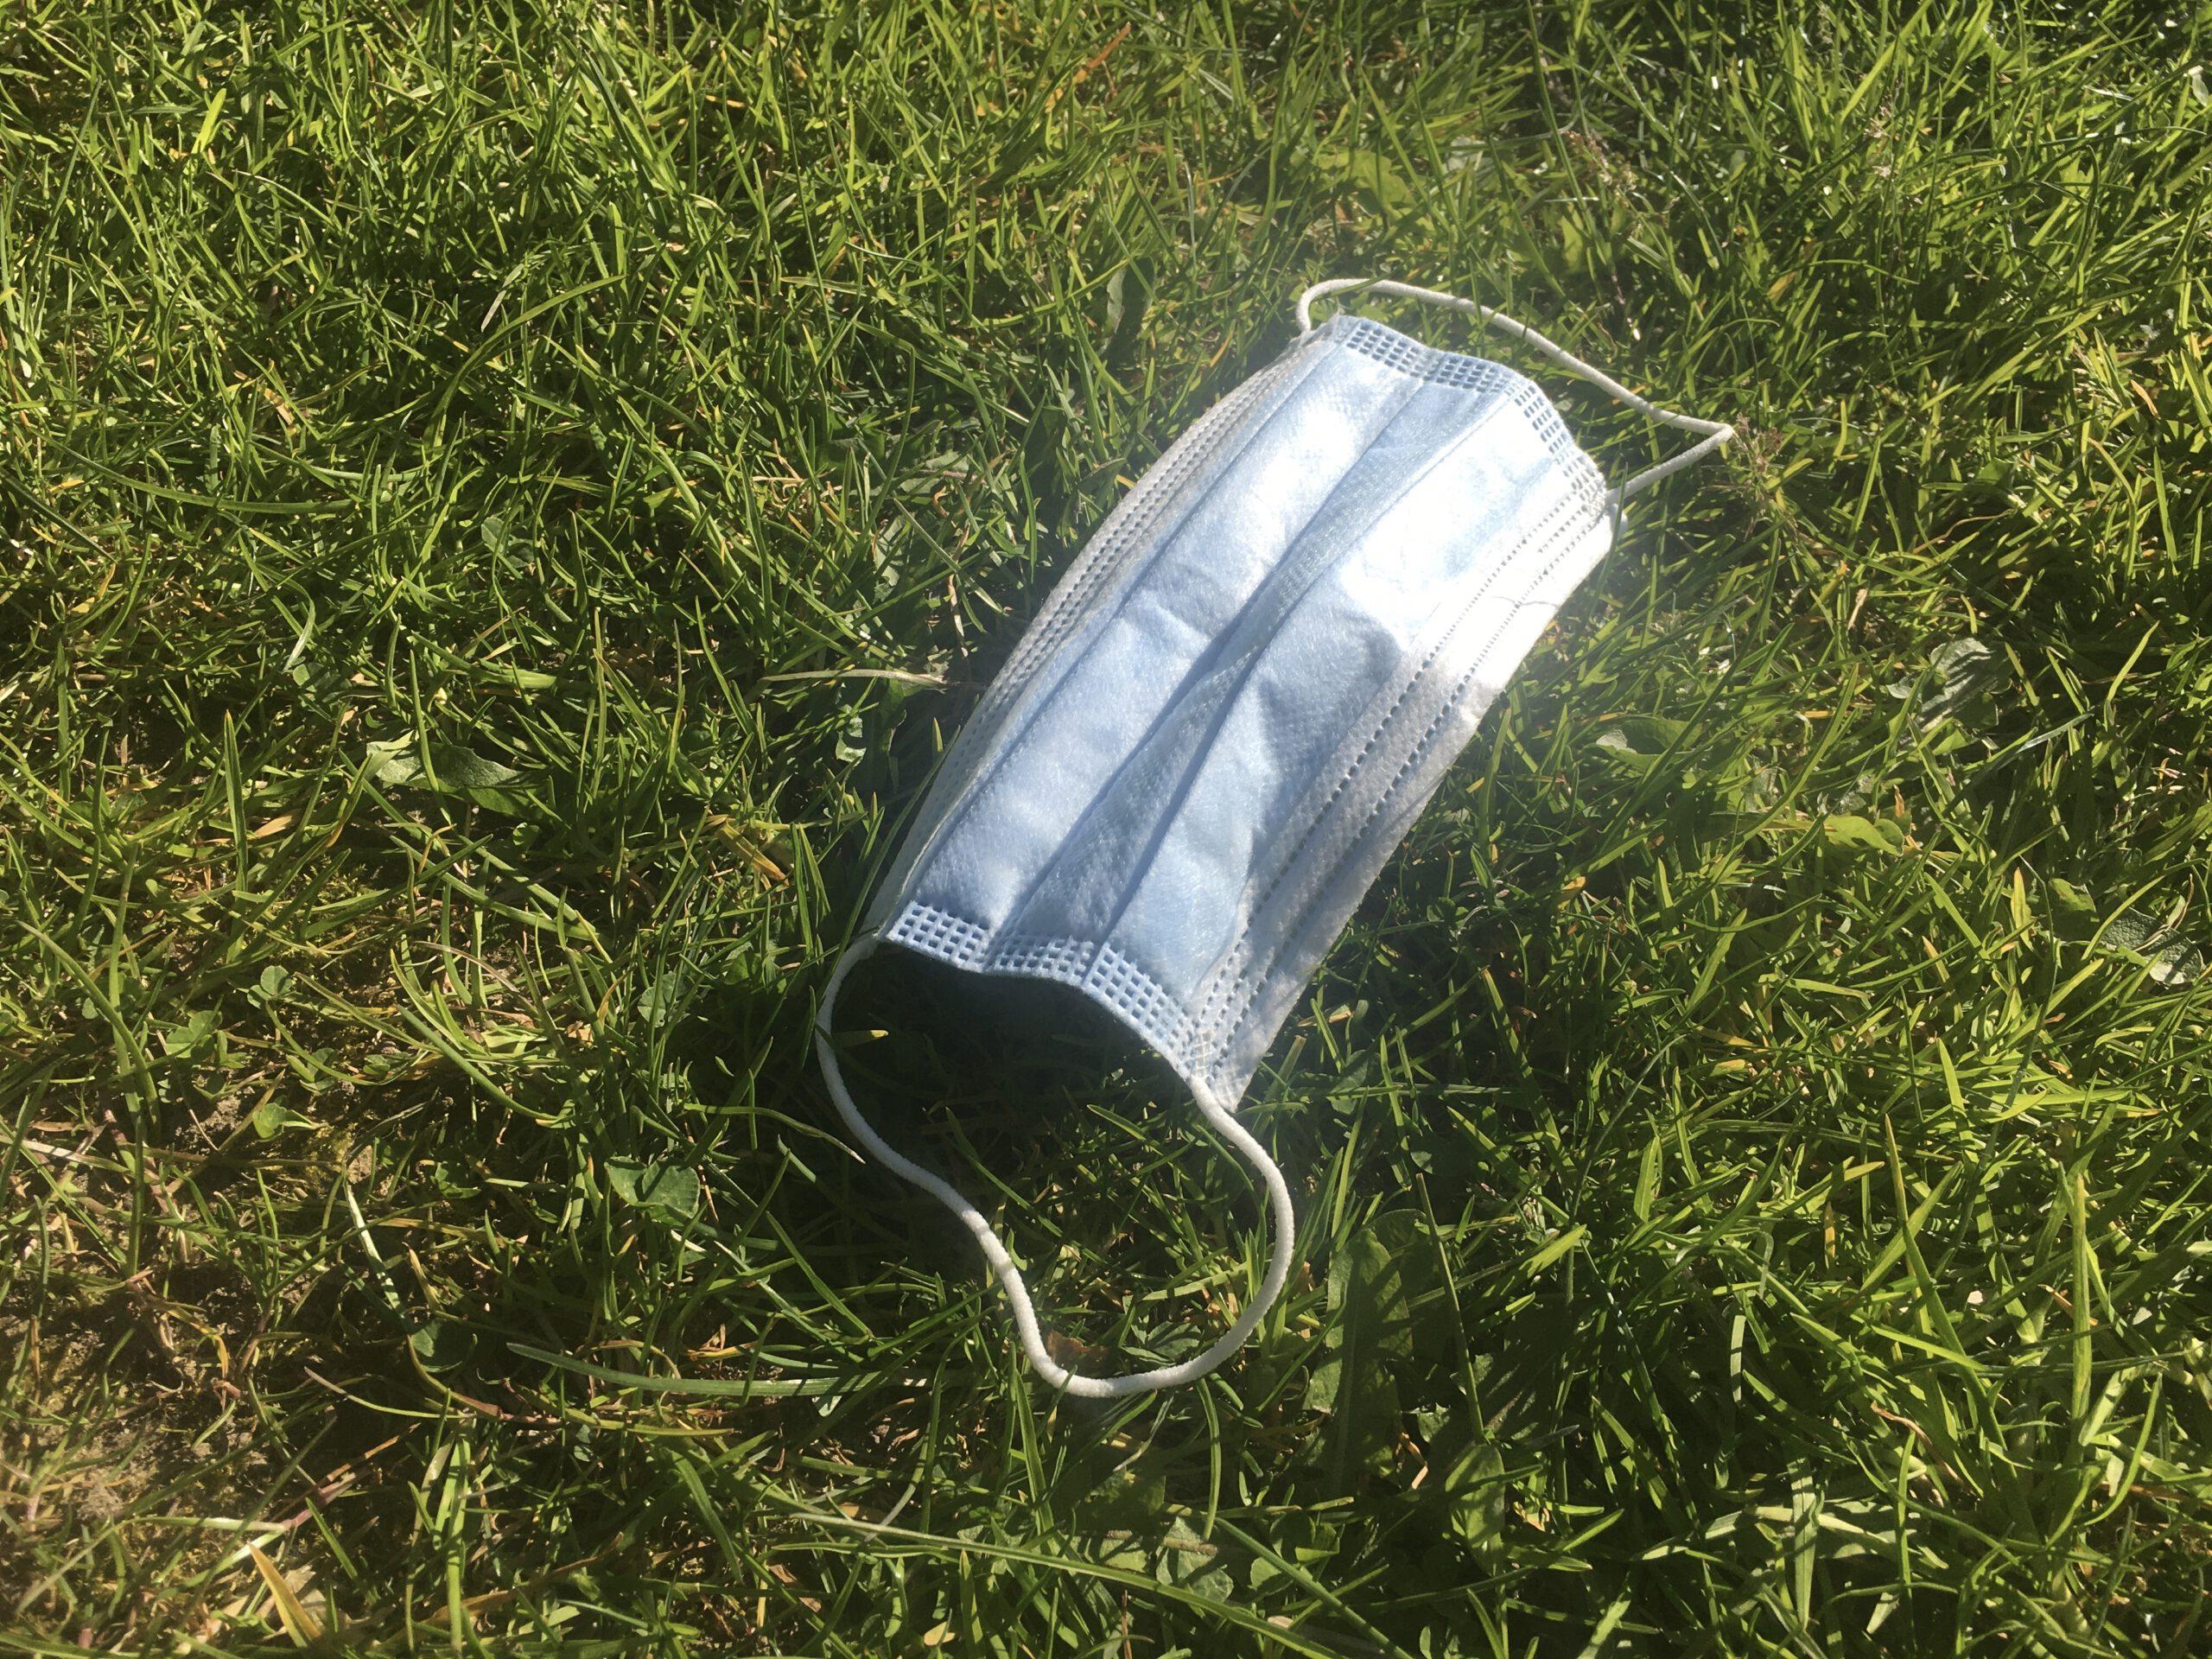 Eine OP-Maske liegt im Gras